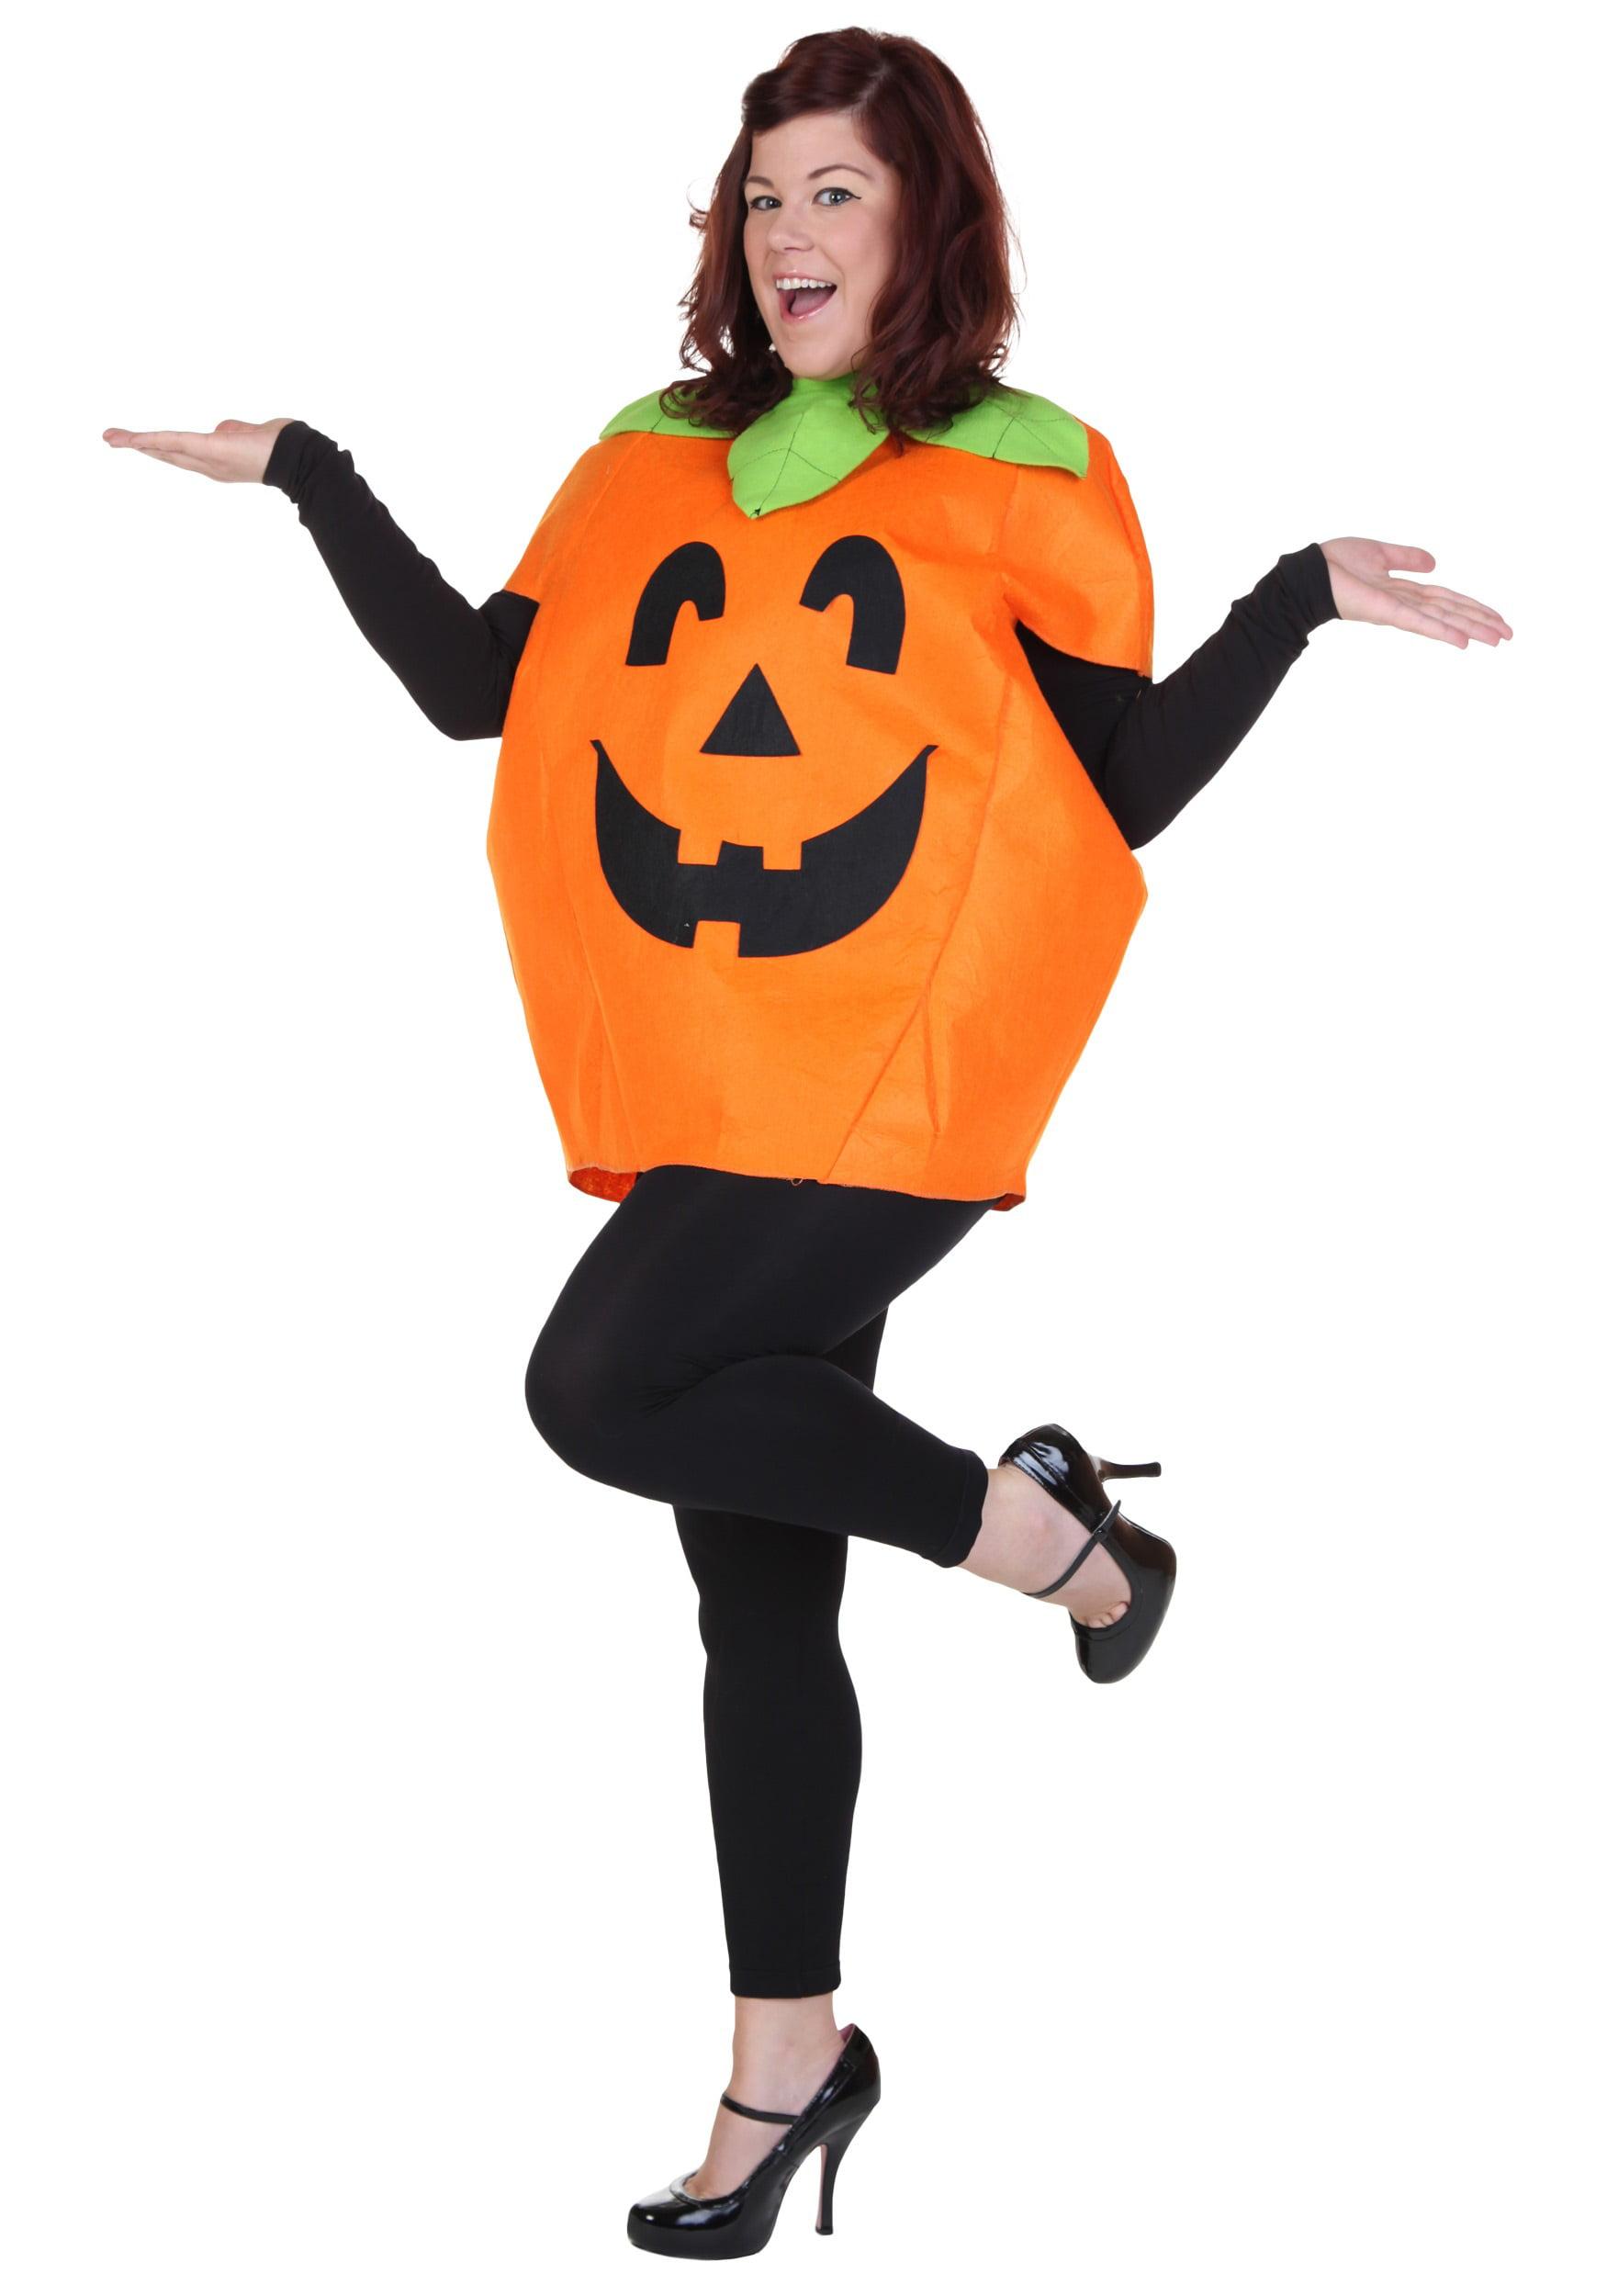 fbdff3adbda35 Plus Size Pumpkin Costume